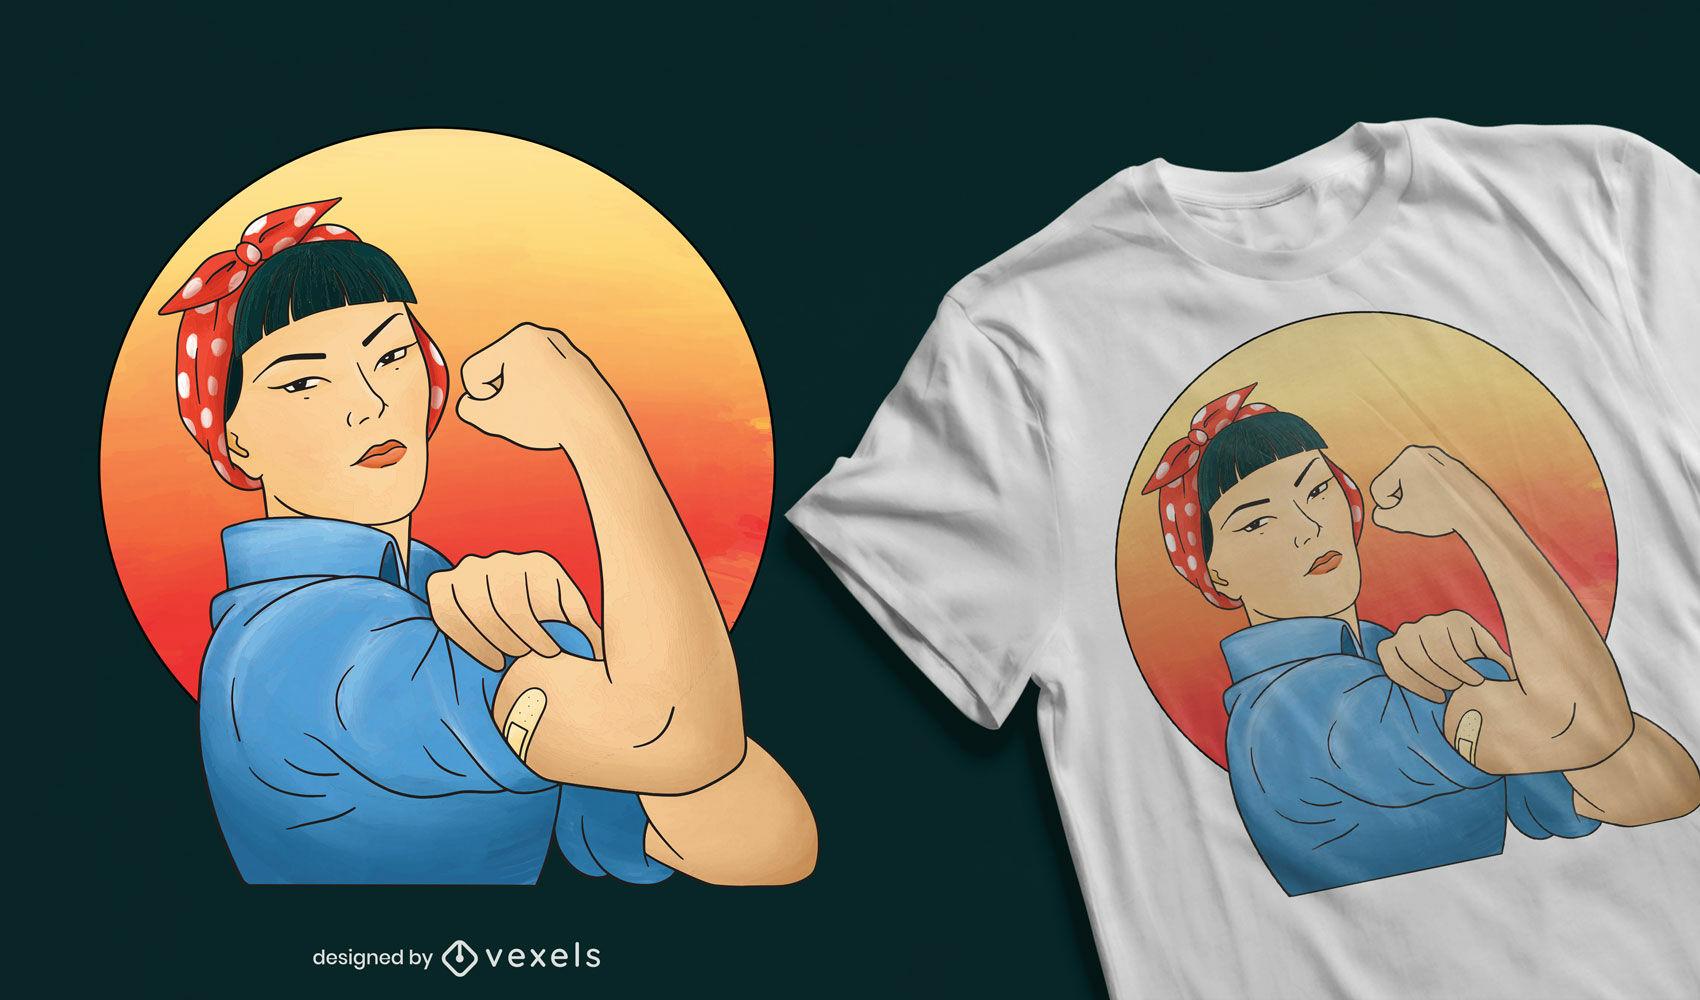 Asian Rosie the Riveter t-shirt design